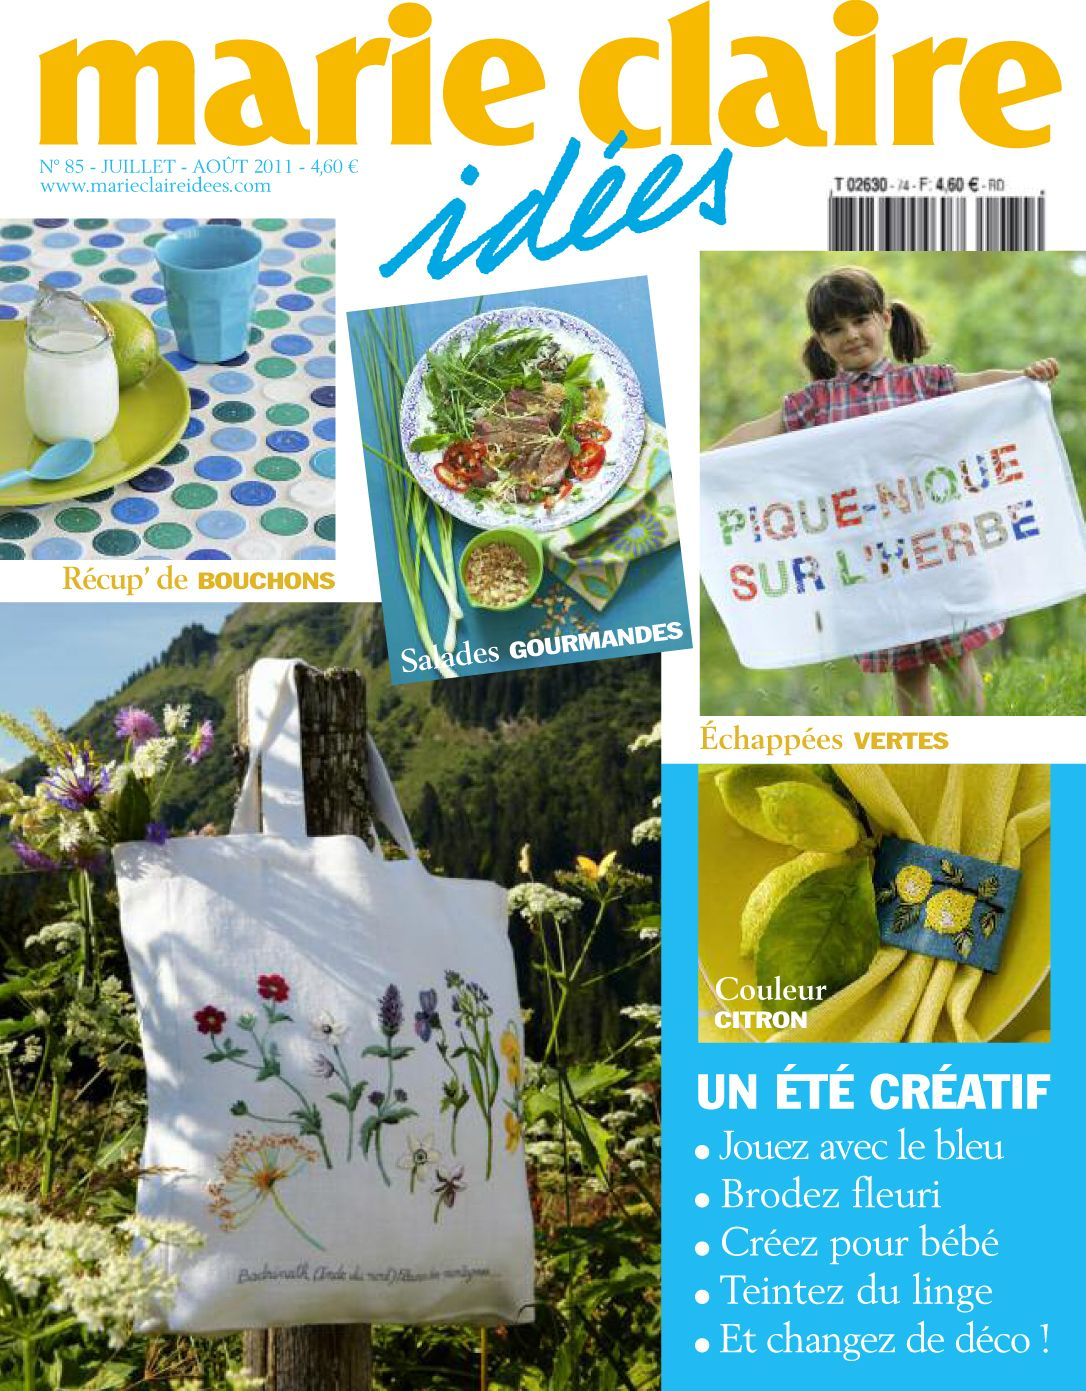 Une carte postale de vacances à télécharger (com imagens) | Marie claire, Revista, Ideias